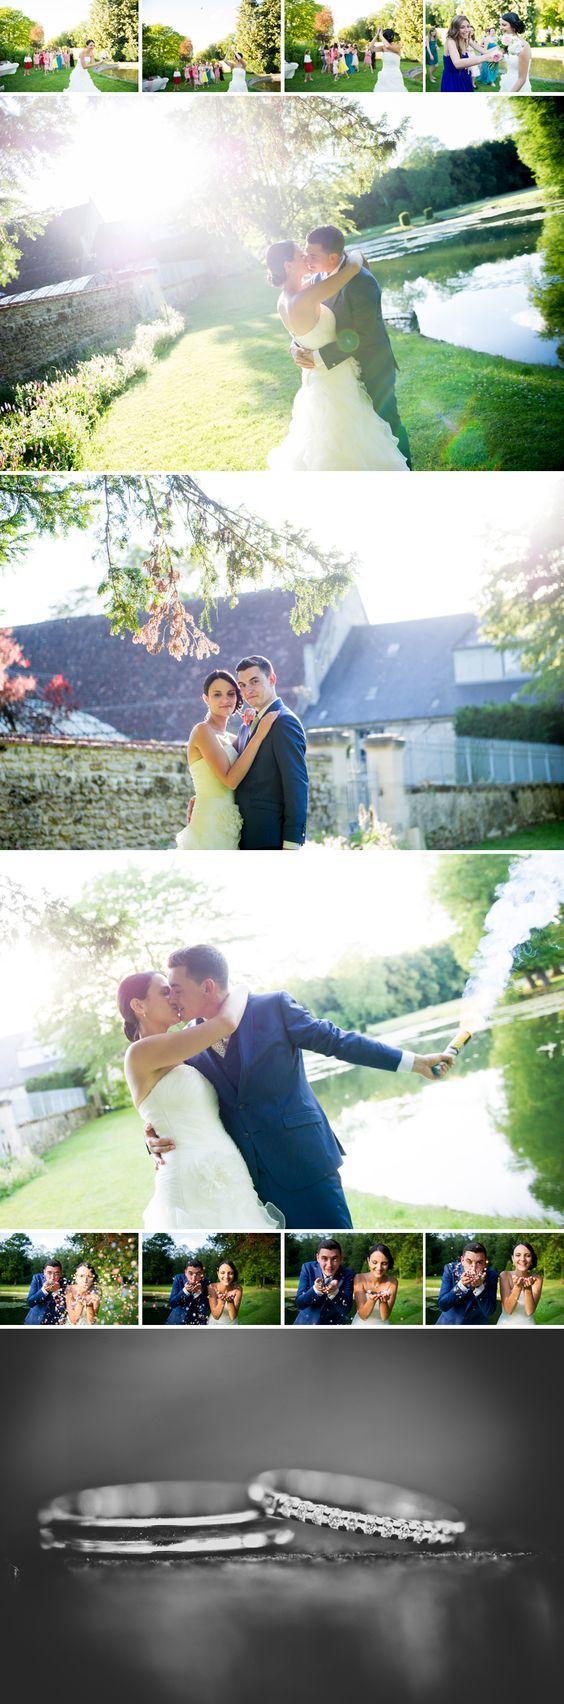 cedric derbaise photographe de mariage picardie oise chateau - Chateau D Aramont Verberie Mariage